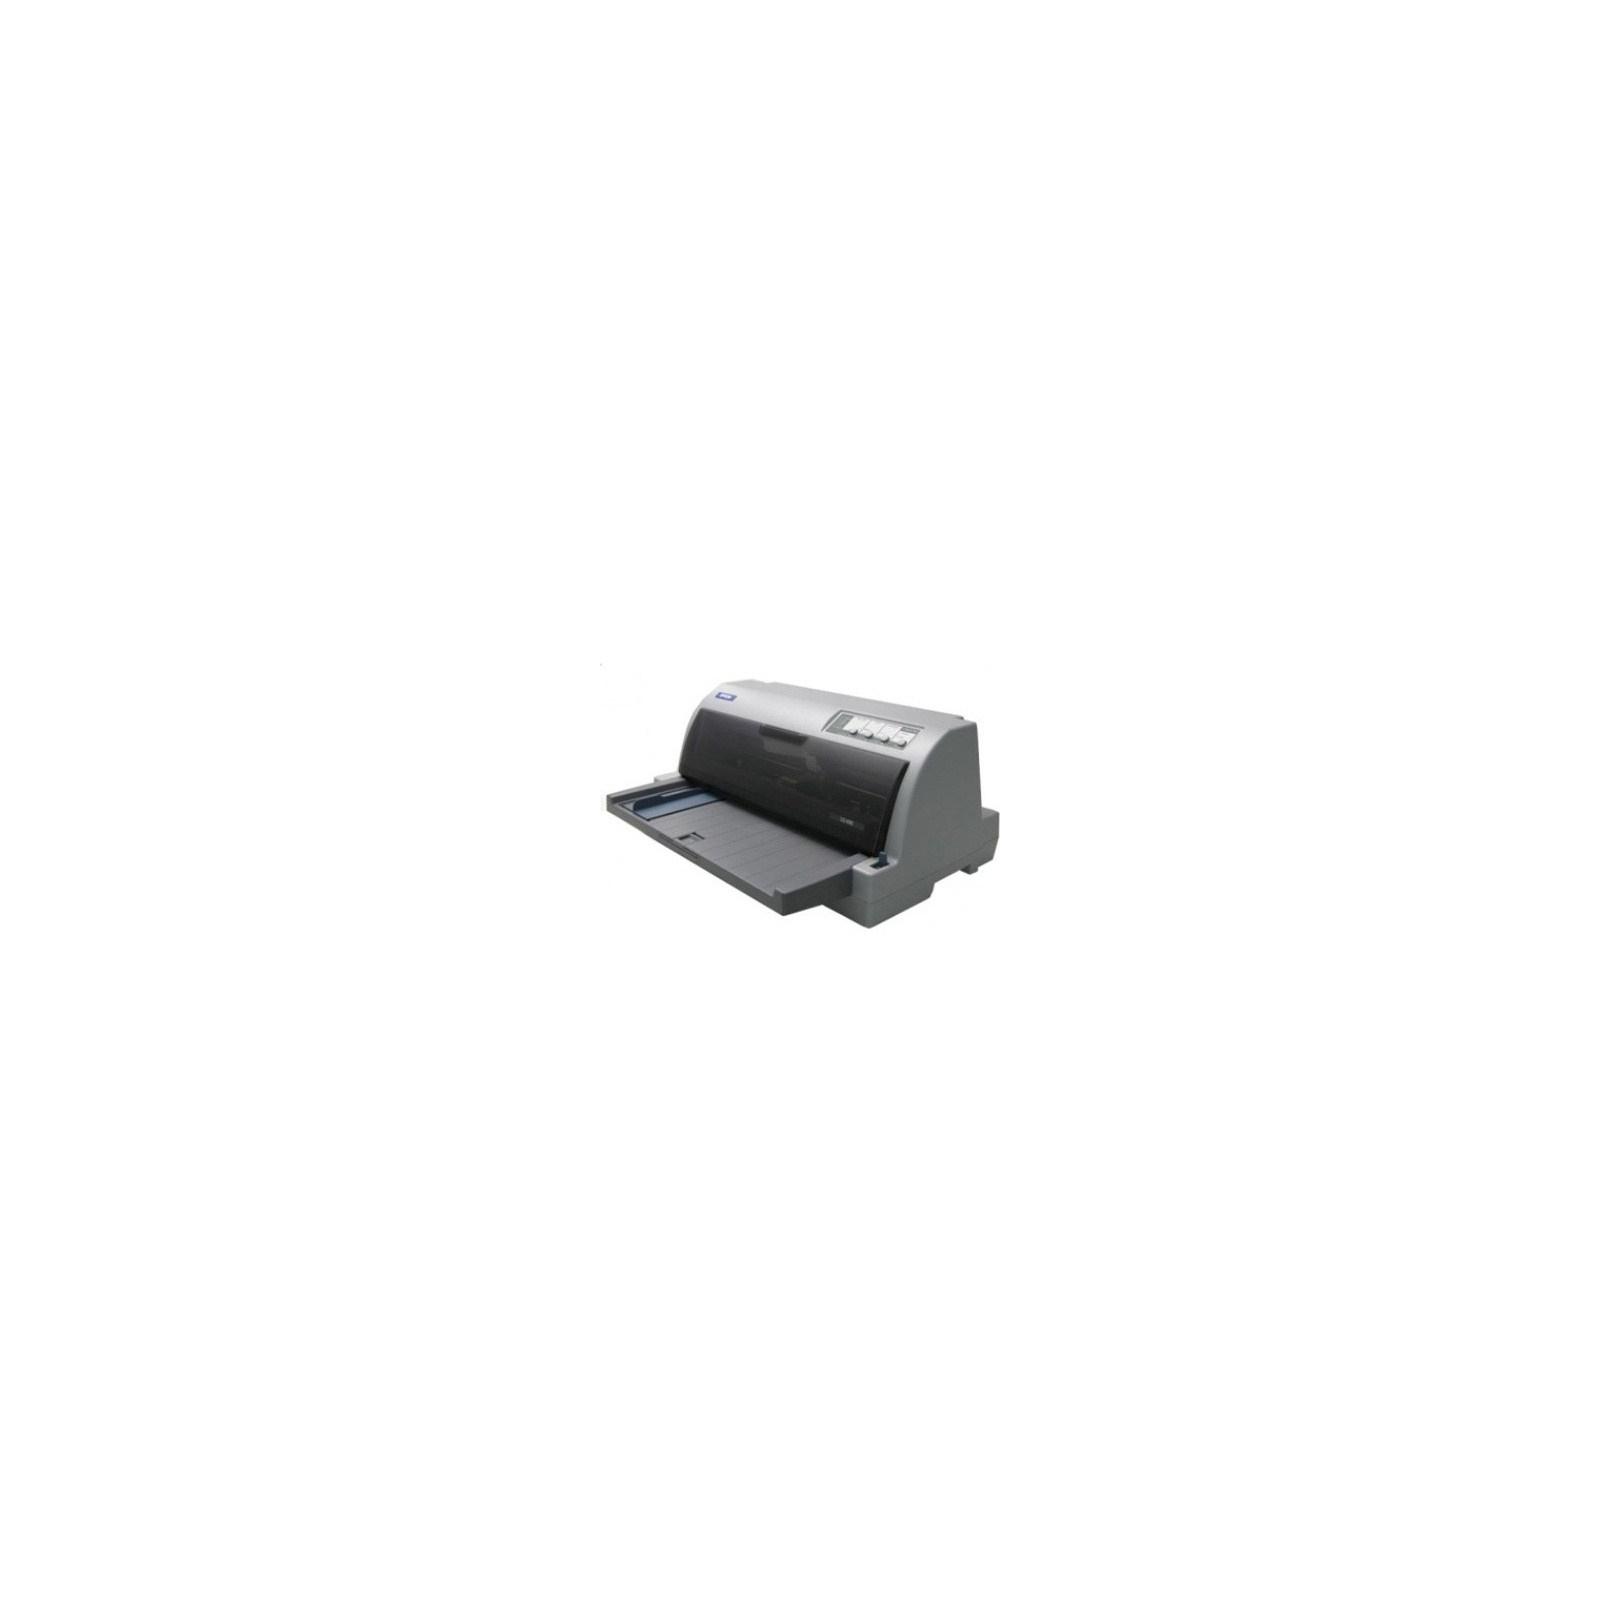 Матричный принтер LQ-690 EPSON (C11CA13041) изображение 2